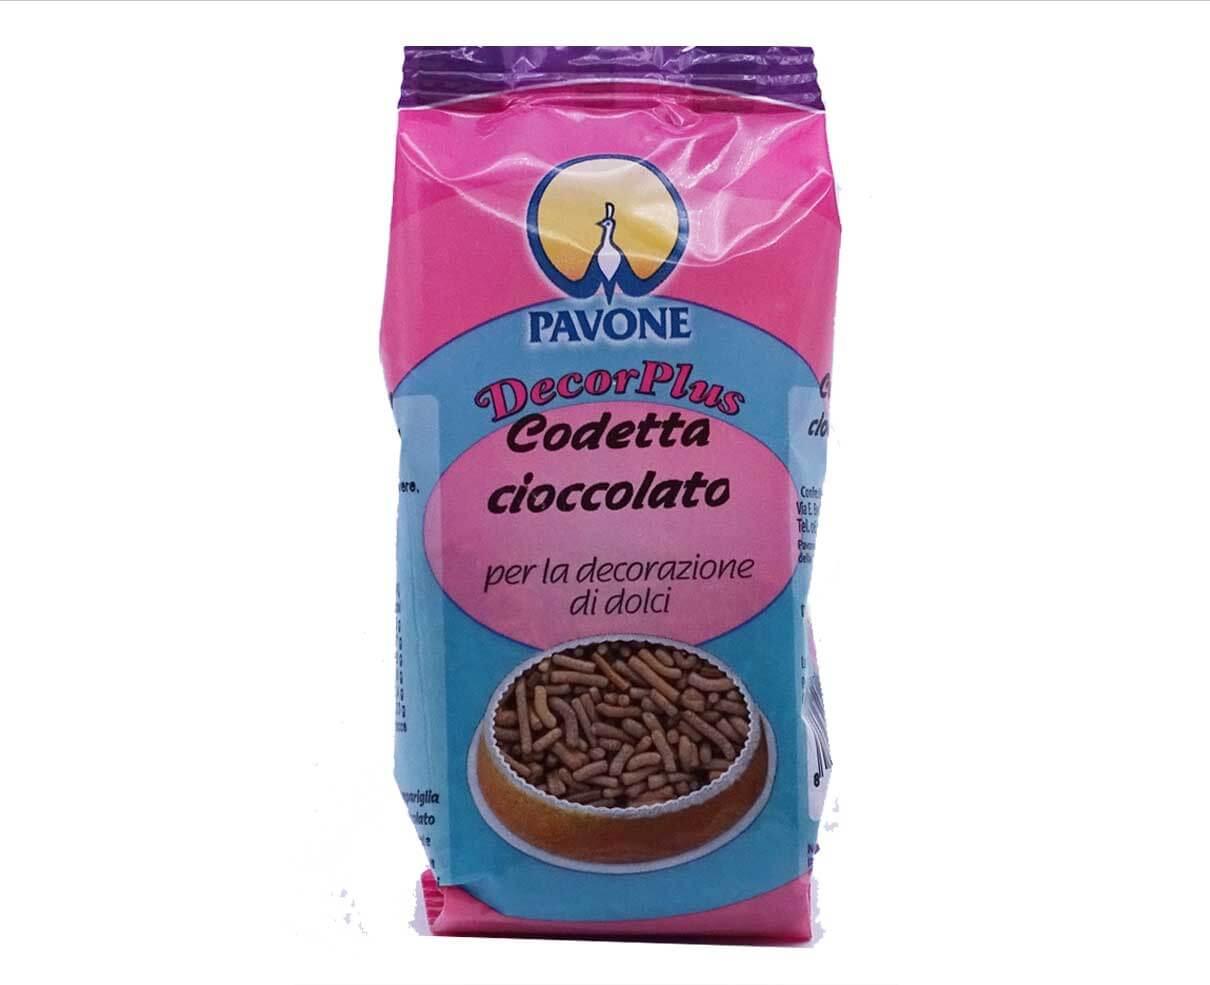 Codetta di cioccolato Pavone 50gr